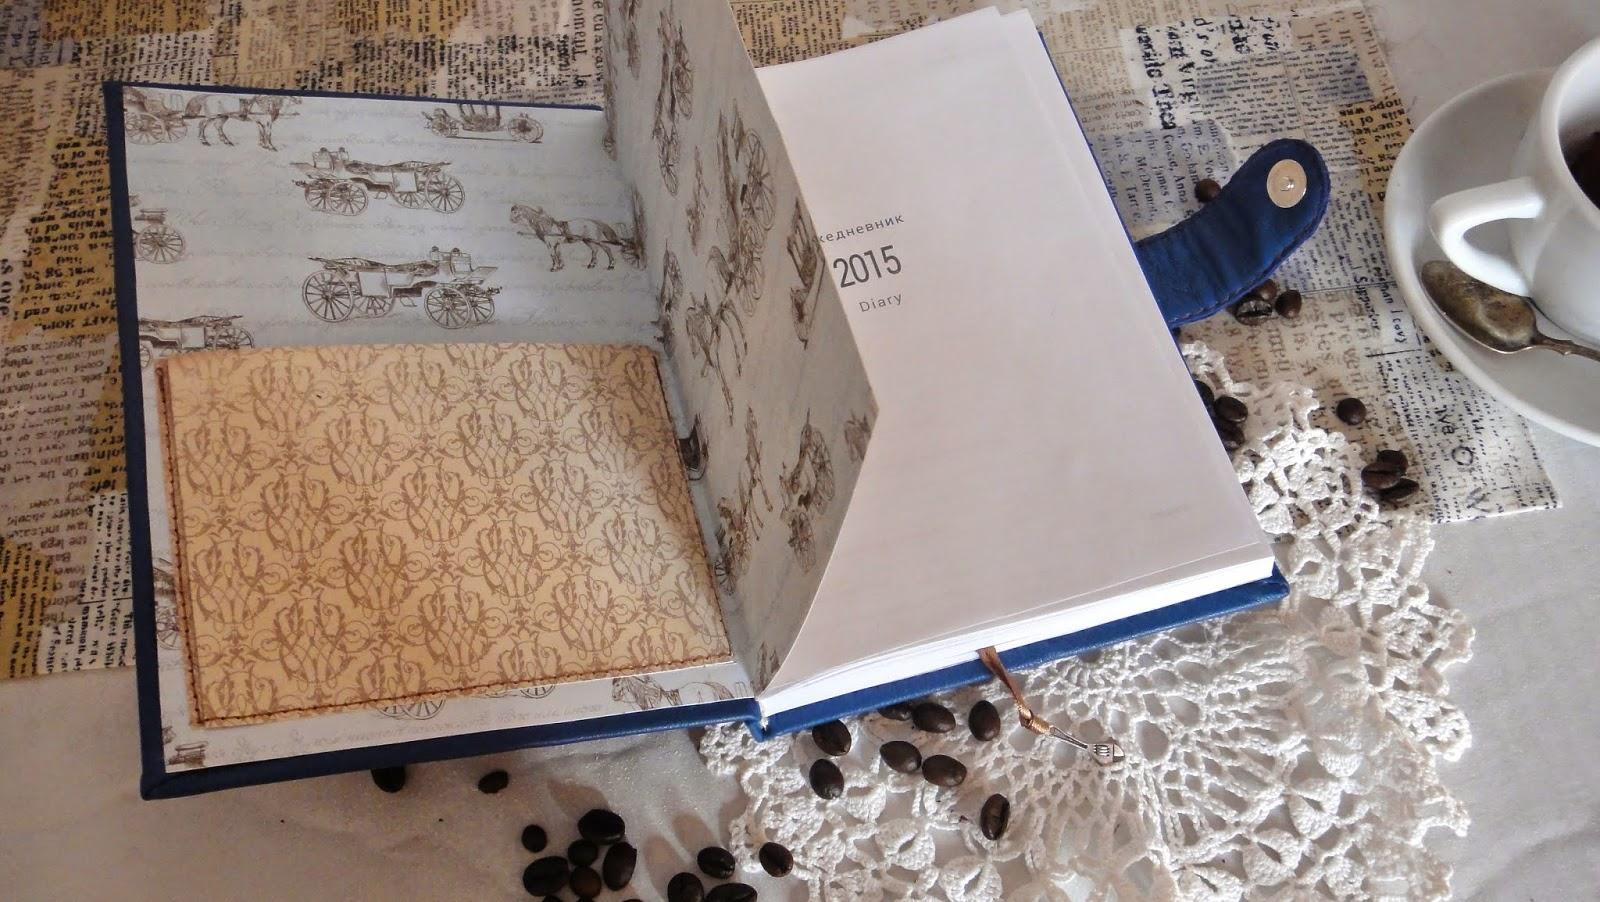 Ежедневник ручной работы в кожаной обложке - подарок коллеге на новый год 2015